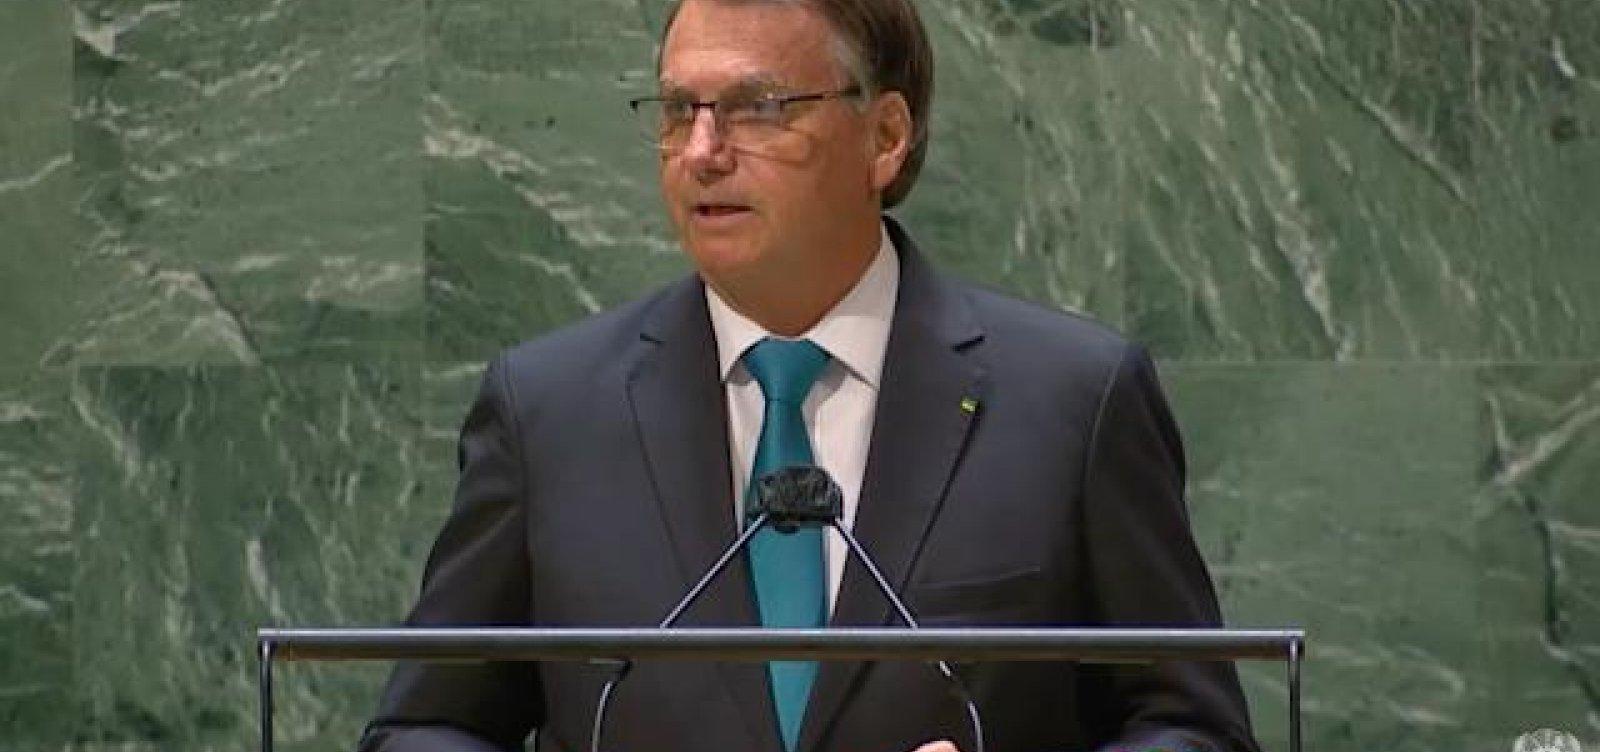 Bolsonaro desmarca entrevista na ONU após pronunciamento permeado de mentiras